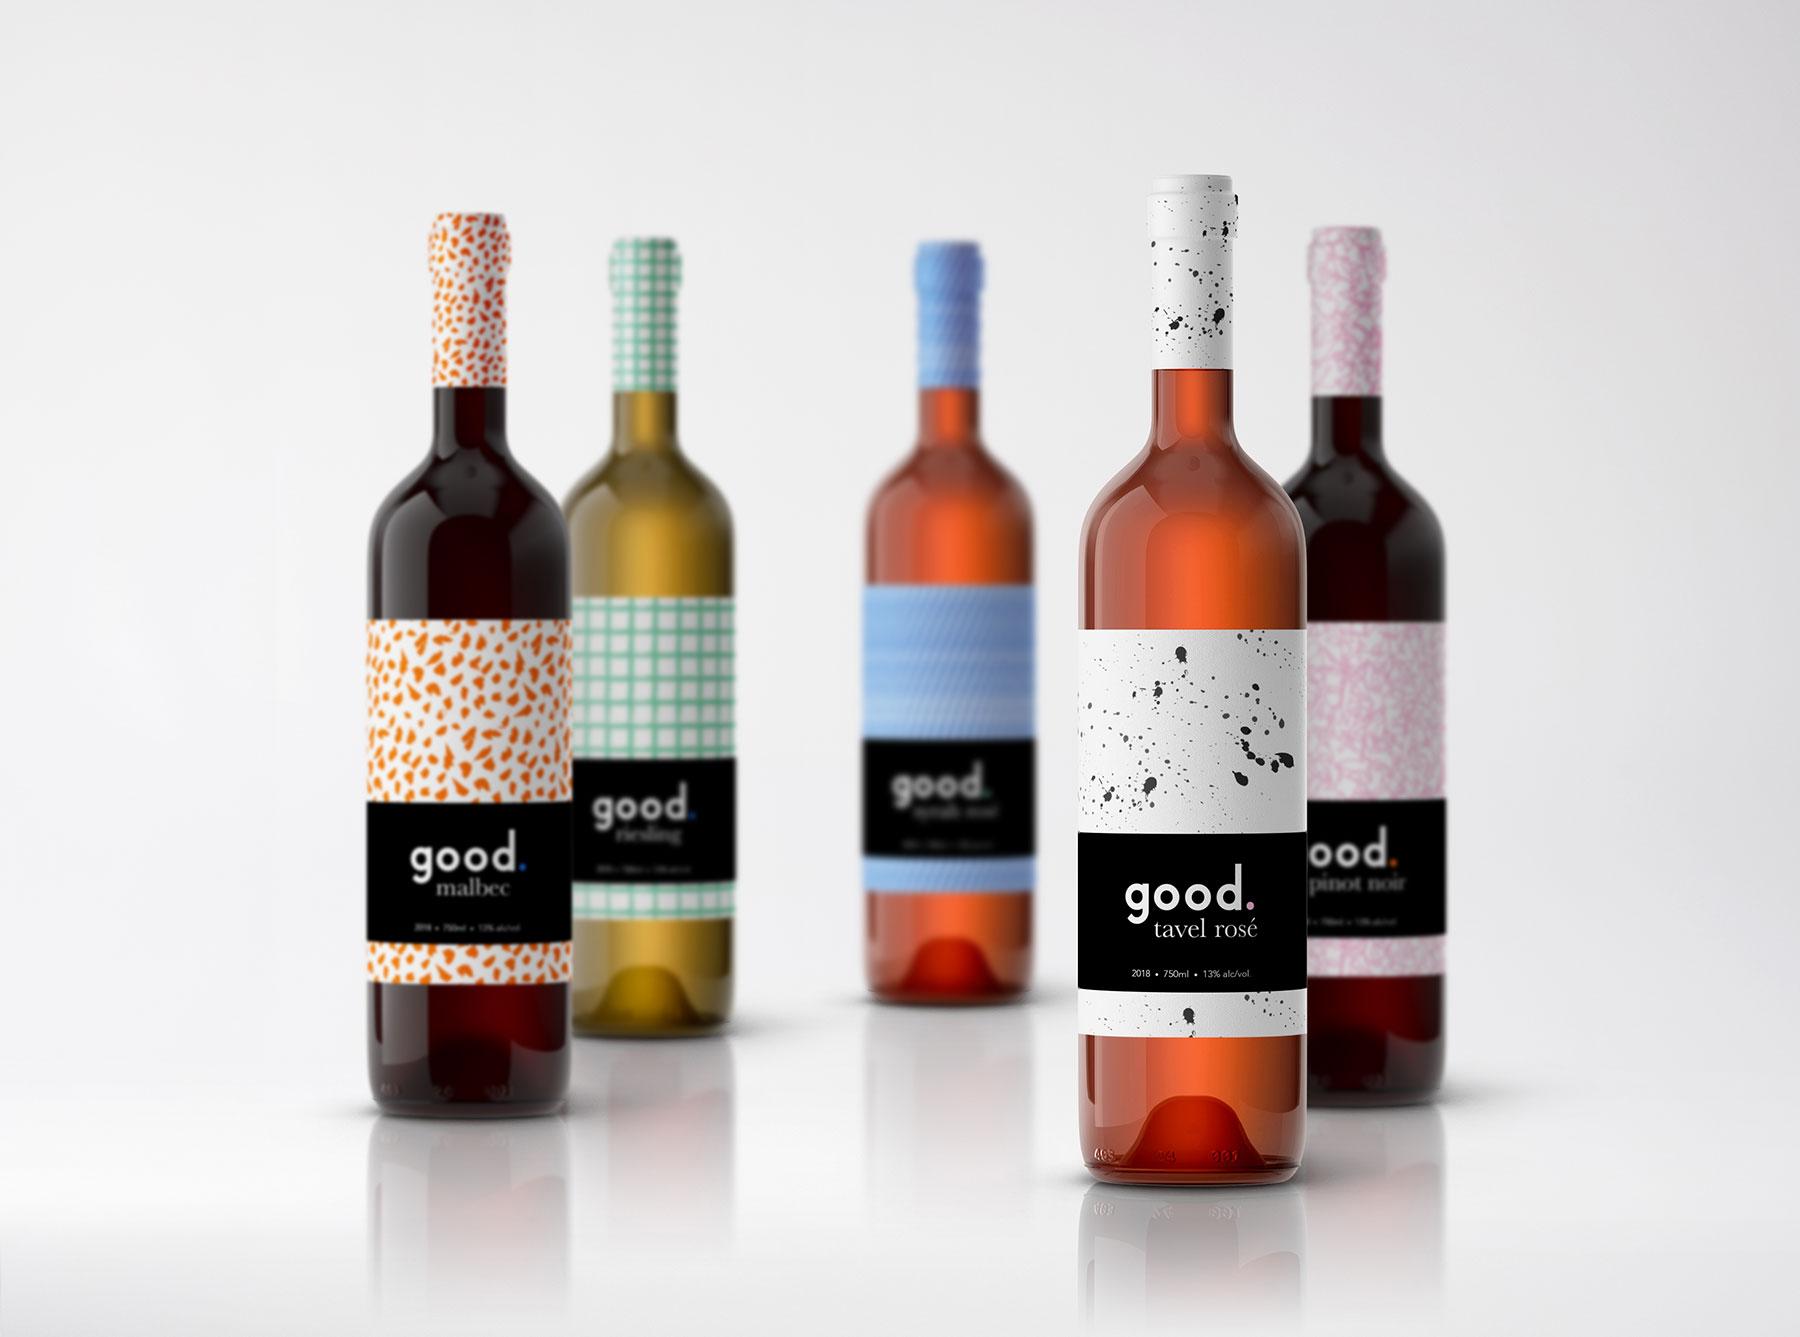 5_bottles_different.jpg